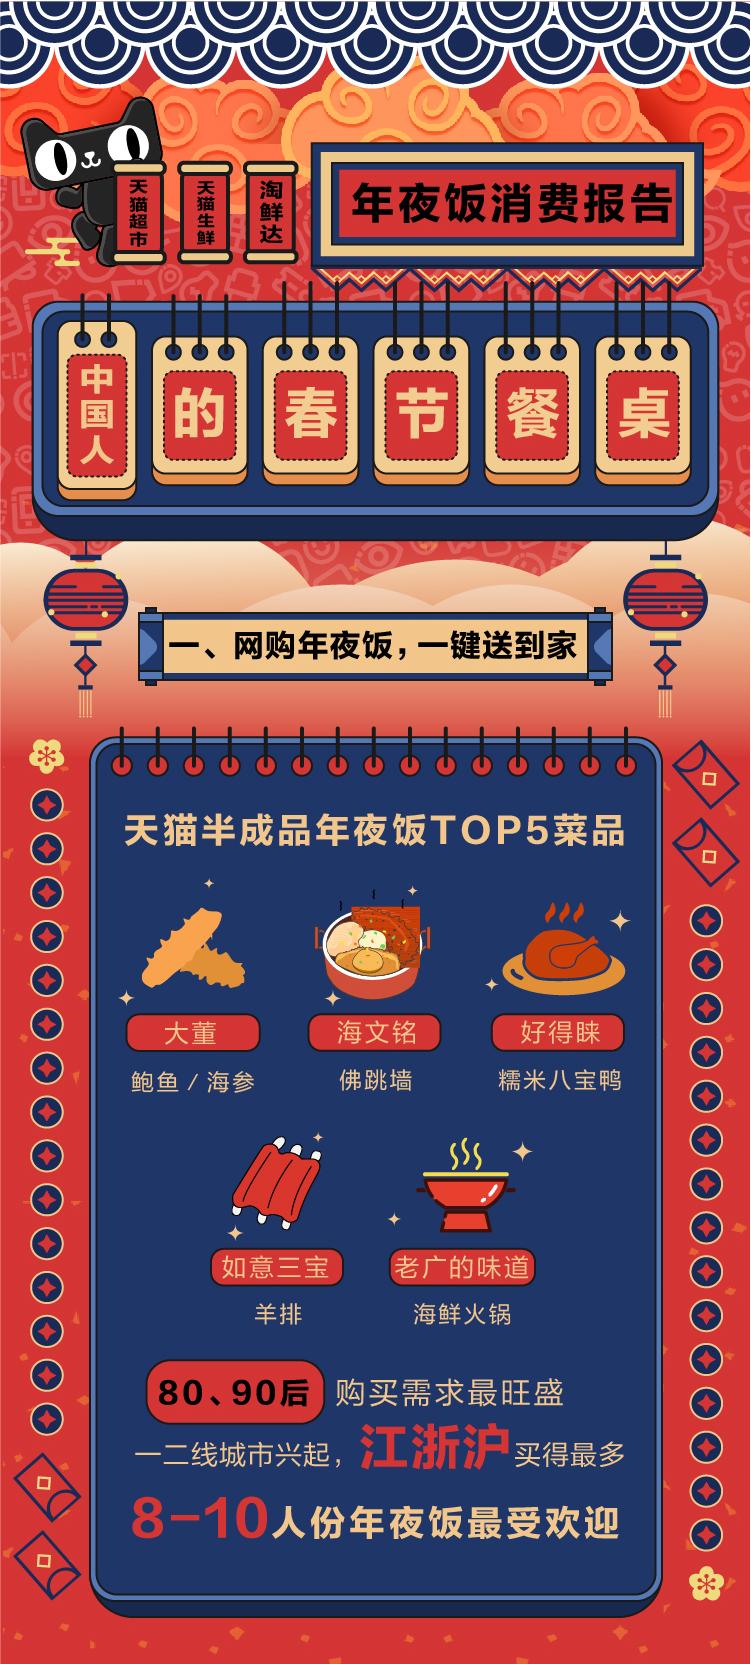 年夜饭流行混搭风:印度飞饼走俏东北 内陆省份爱海鲜